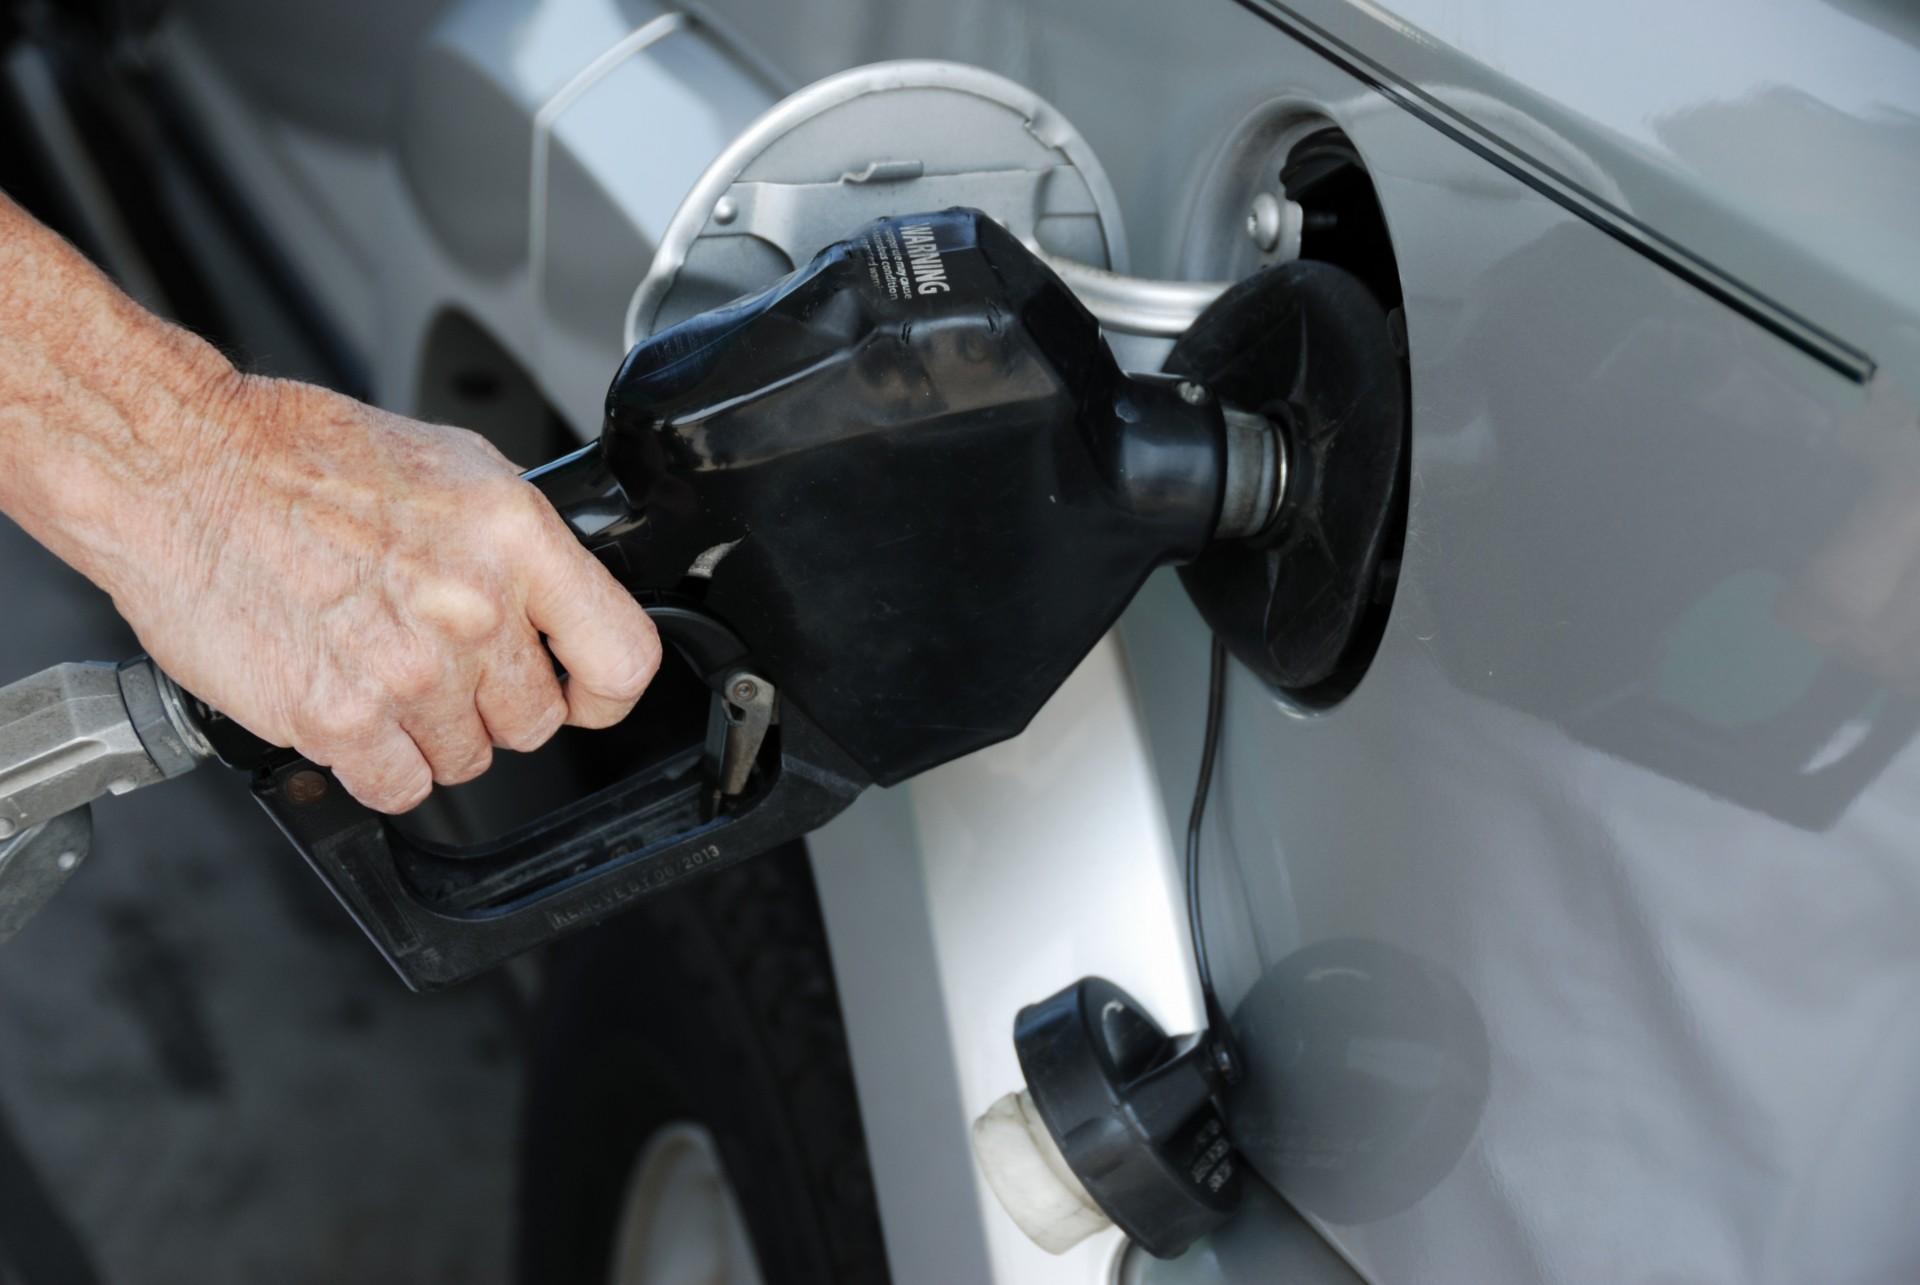 pumping-gasoline_(1).jpg